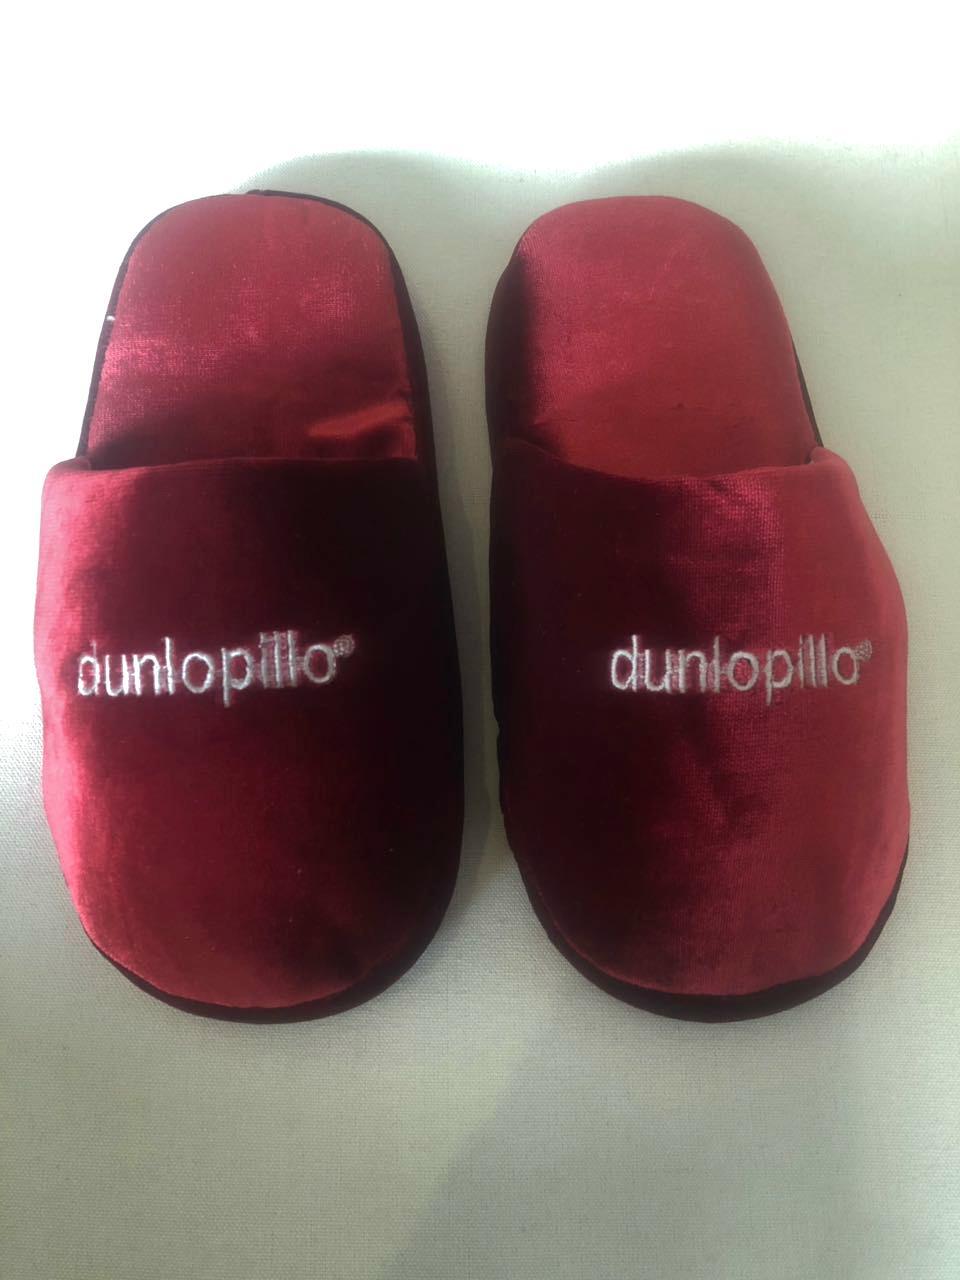 Dunlopillo Mattress Edelweiss 120 200 Daftar Harga Terbaru Dan Carriol 180 Detail Gambar Slippers Exclusive Fabric Terkini